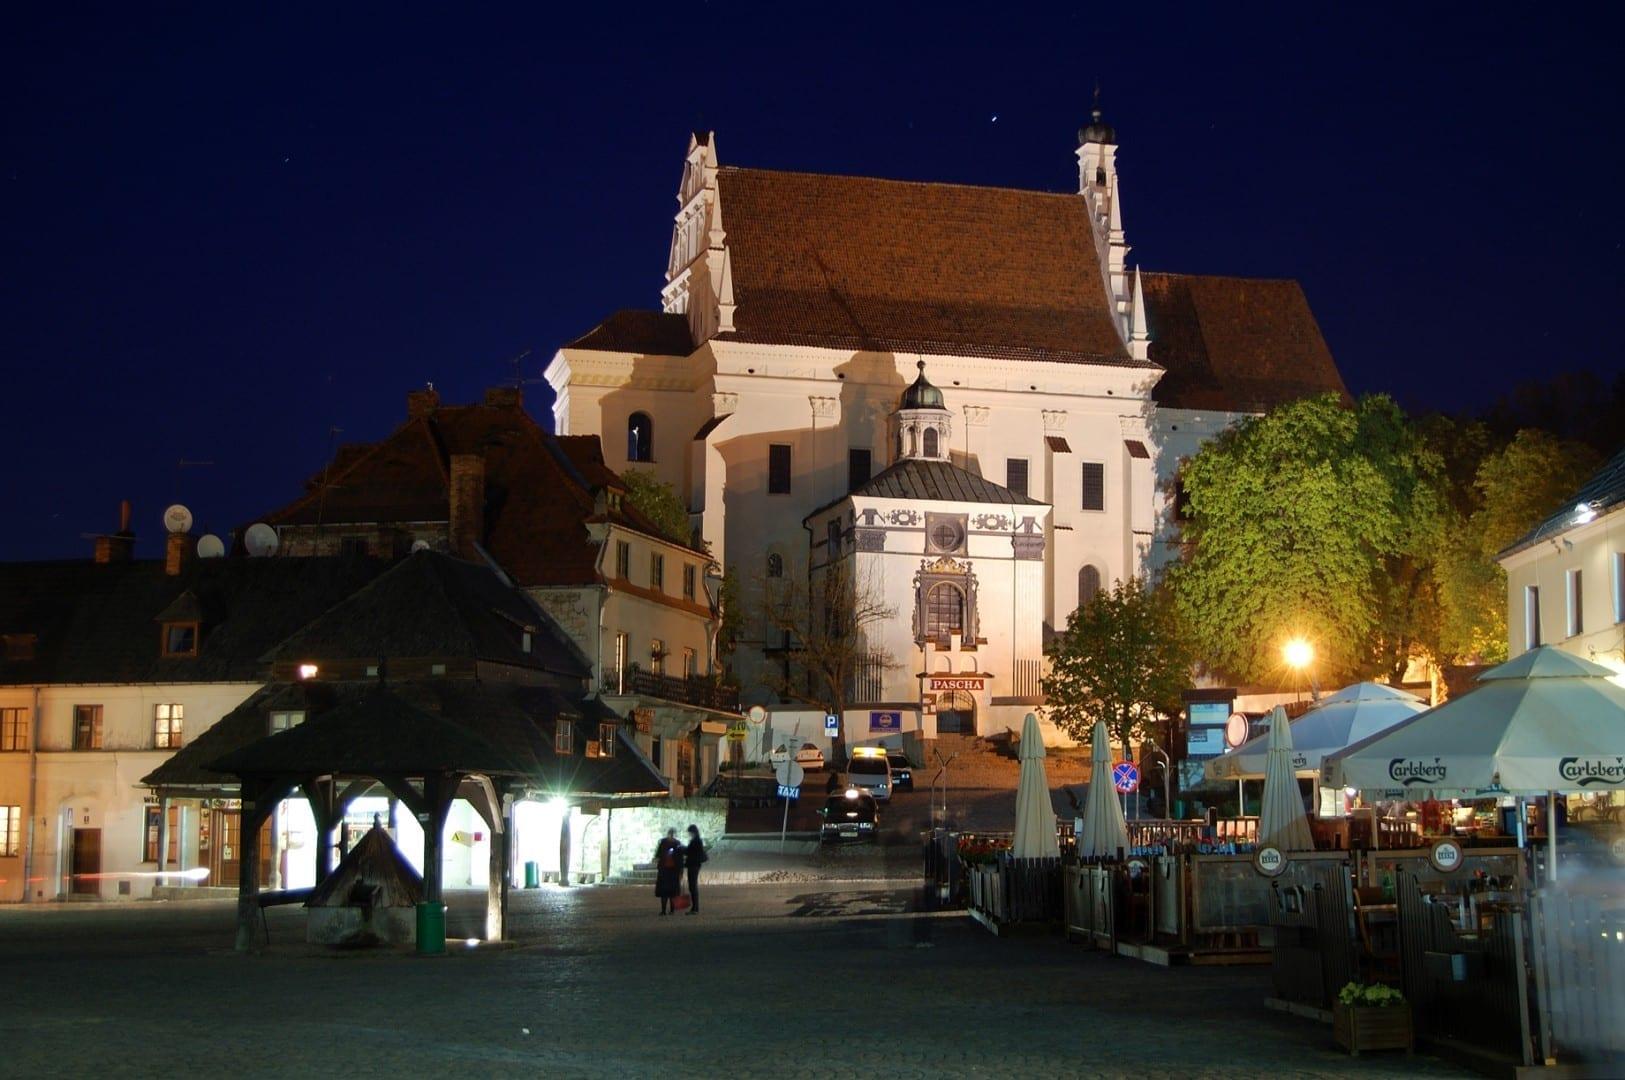 La plaza central de Rynek por la noche Kazimierz Dolny Polonia